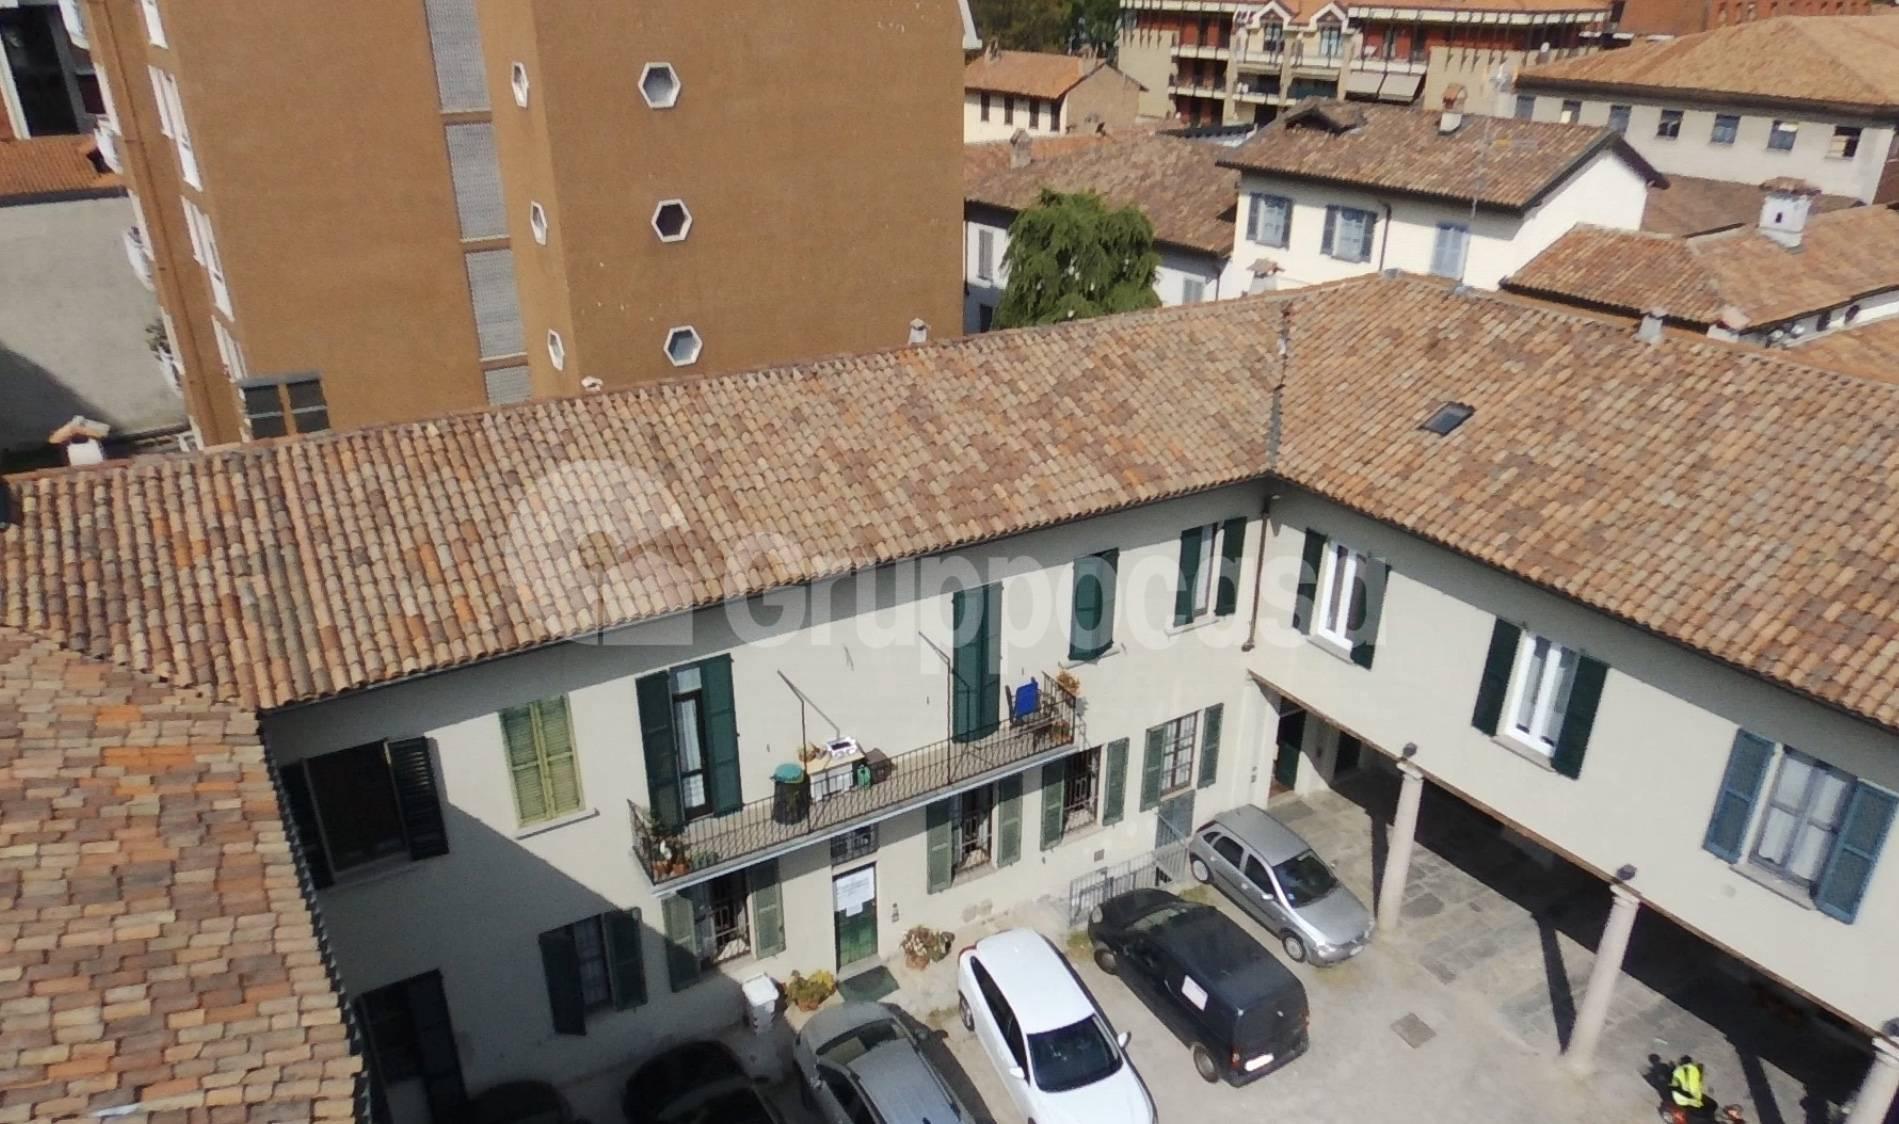 Ufficio / Studio in affitto a Abbiategrasso, 9999 locali, zona adina, prezzo € 160.000   PortaleAgenzieImmobiliari.it